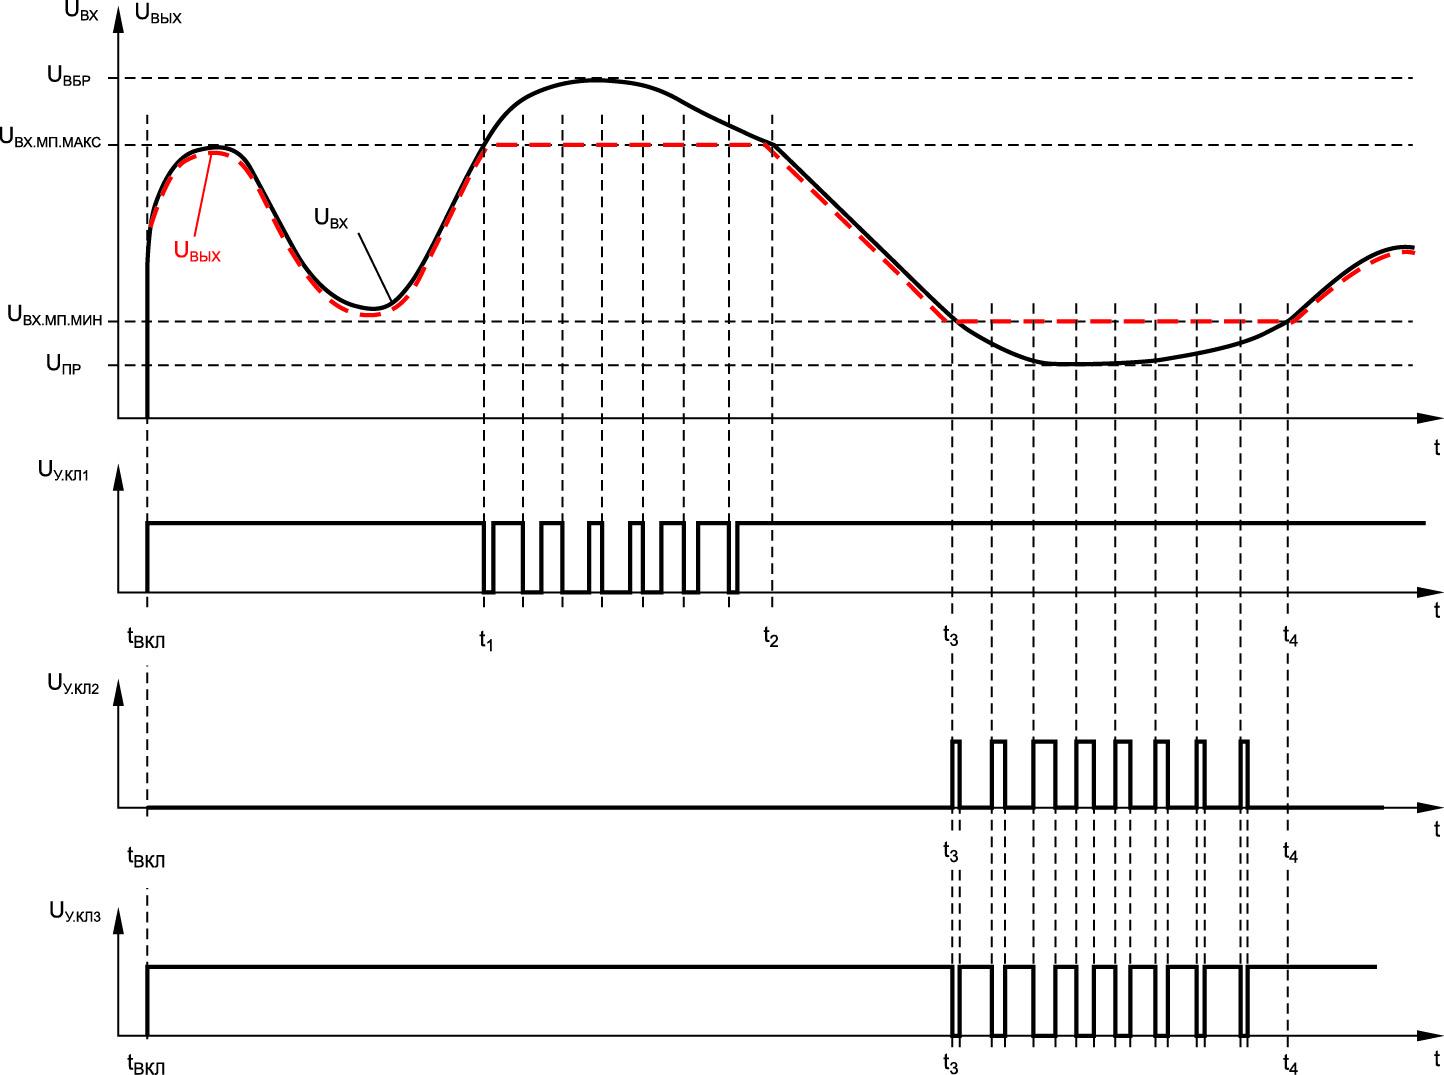 Временные диаграммы сигналов на элементах нормализатора